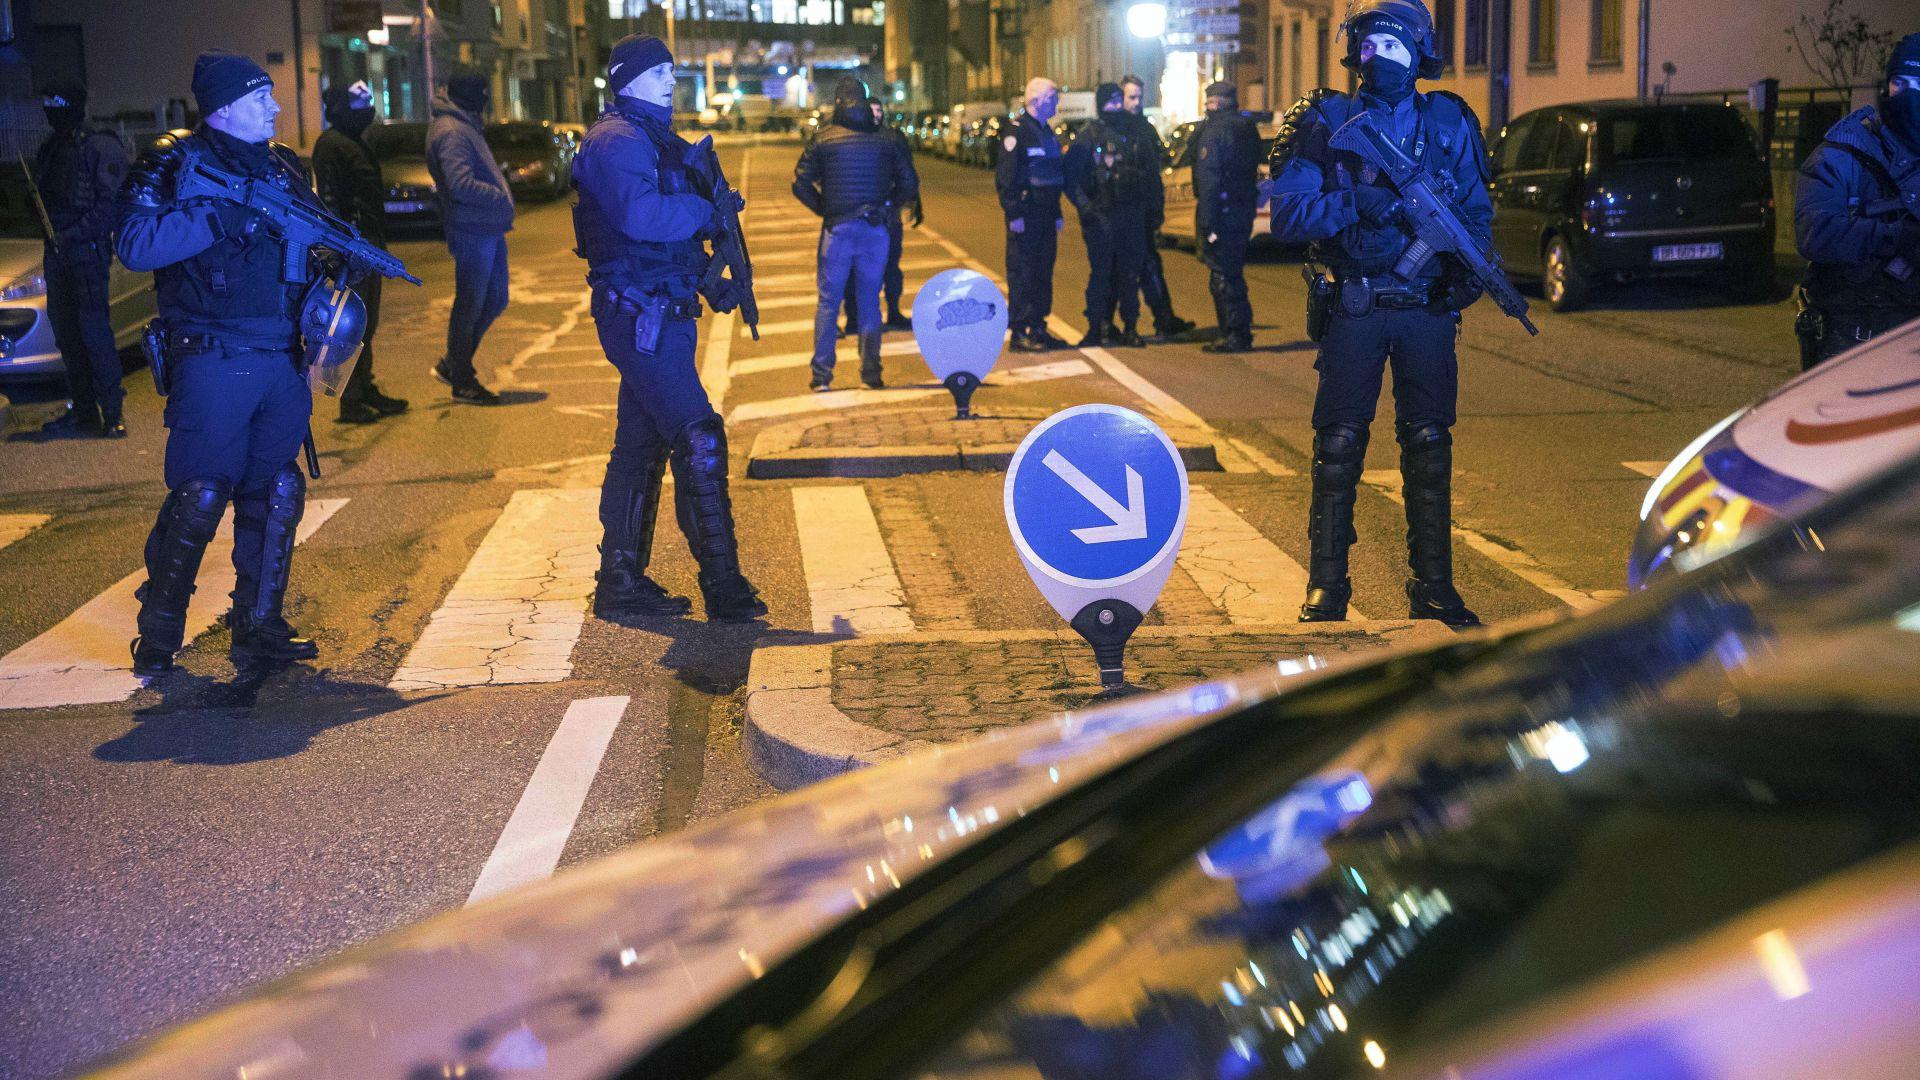 Нападателят от Страсбург беше убит, но проблемите с тероризма във Франция не са решени